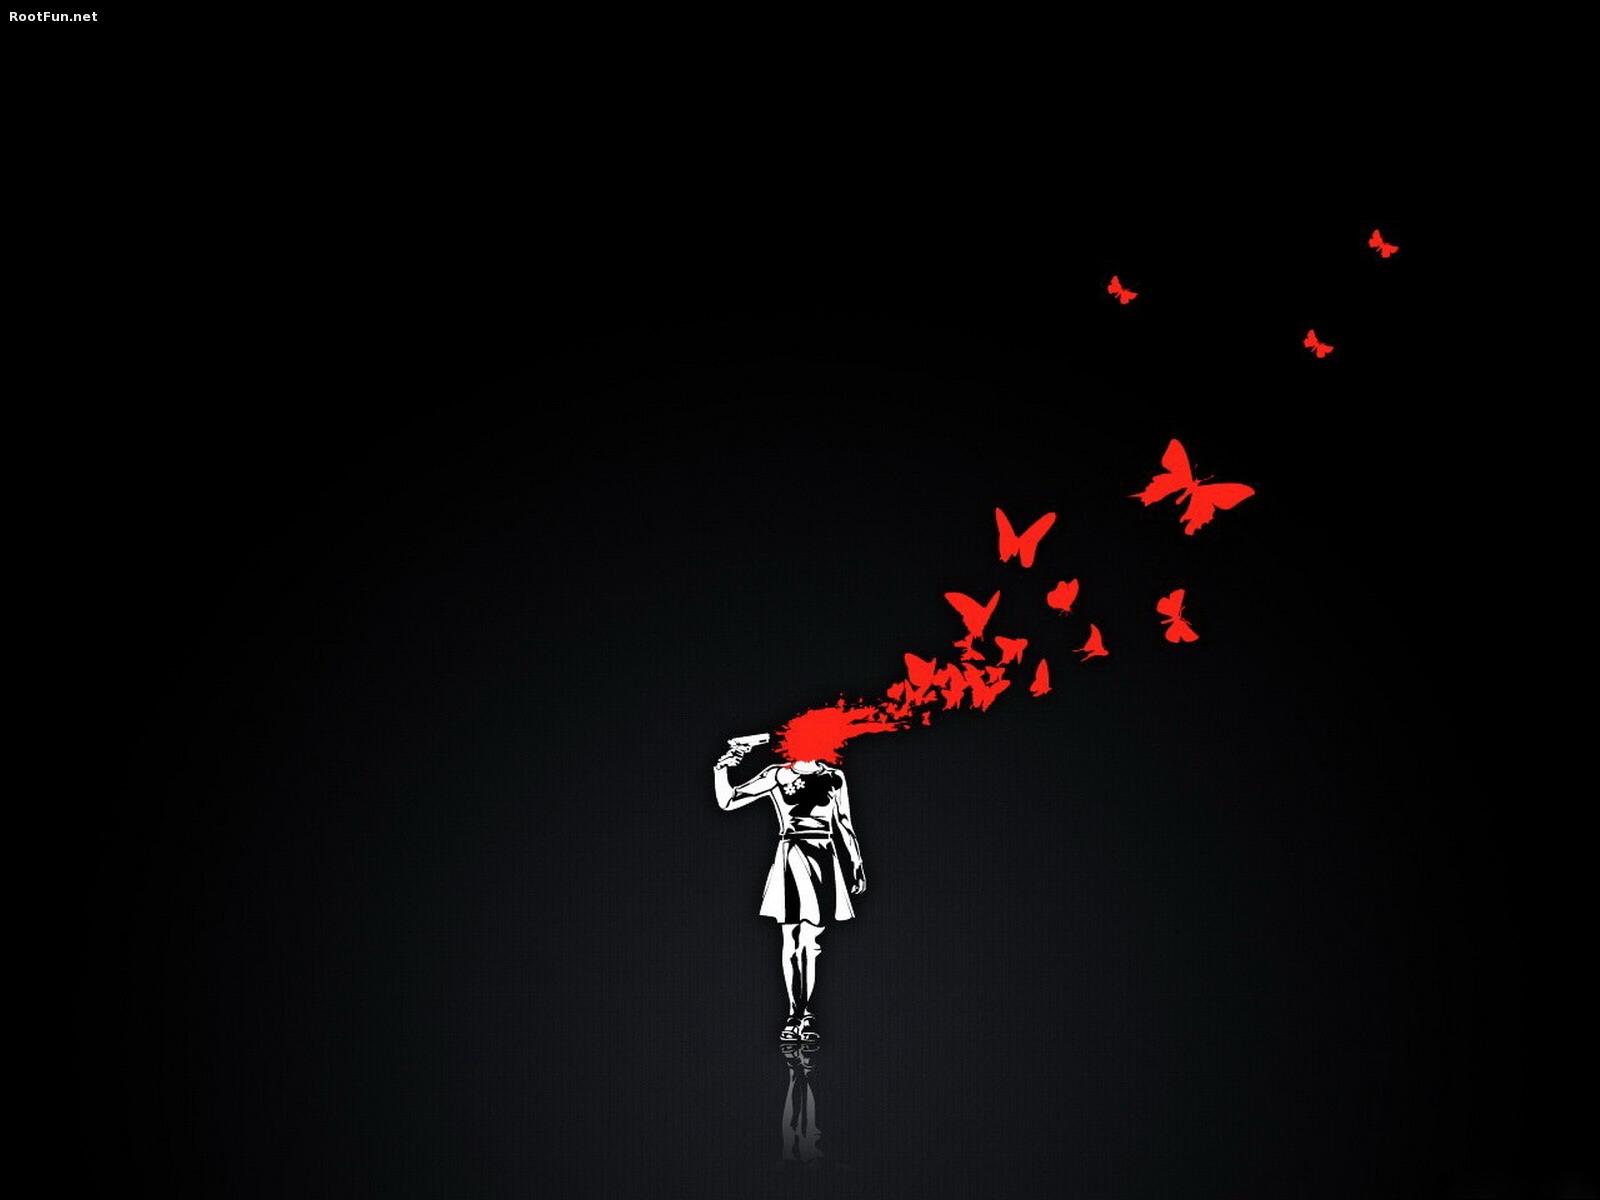 Hình ảnh đau khổ vì tình yêu tan vỡ